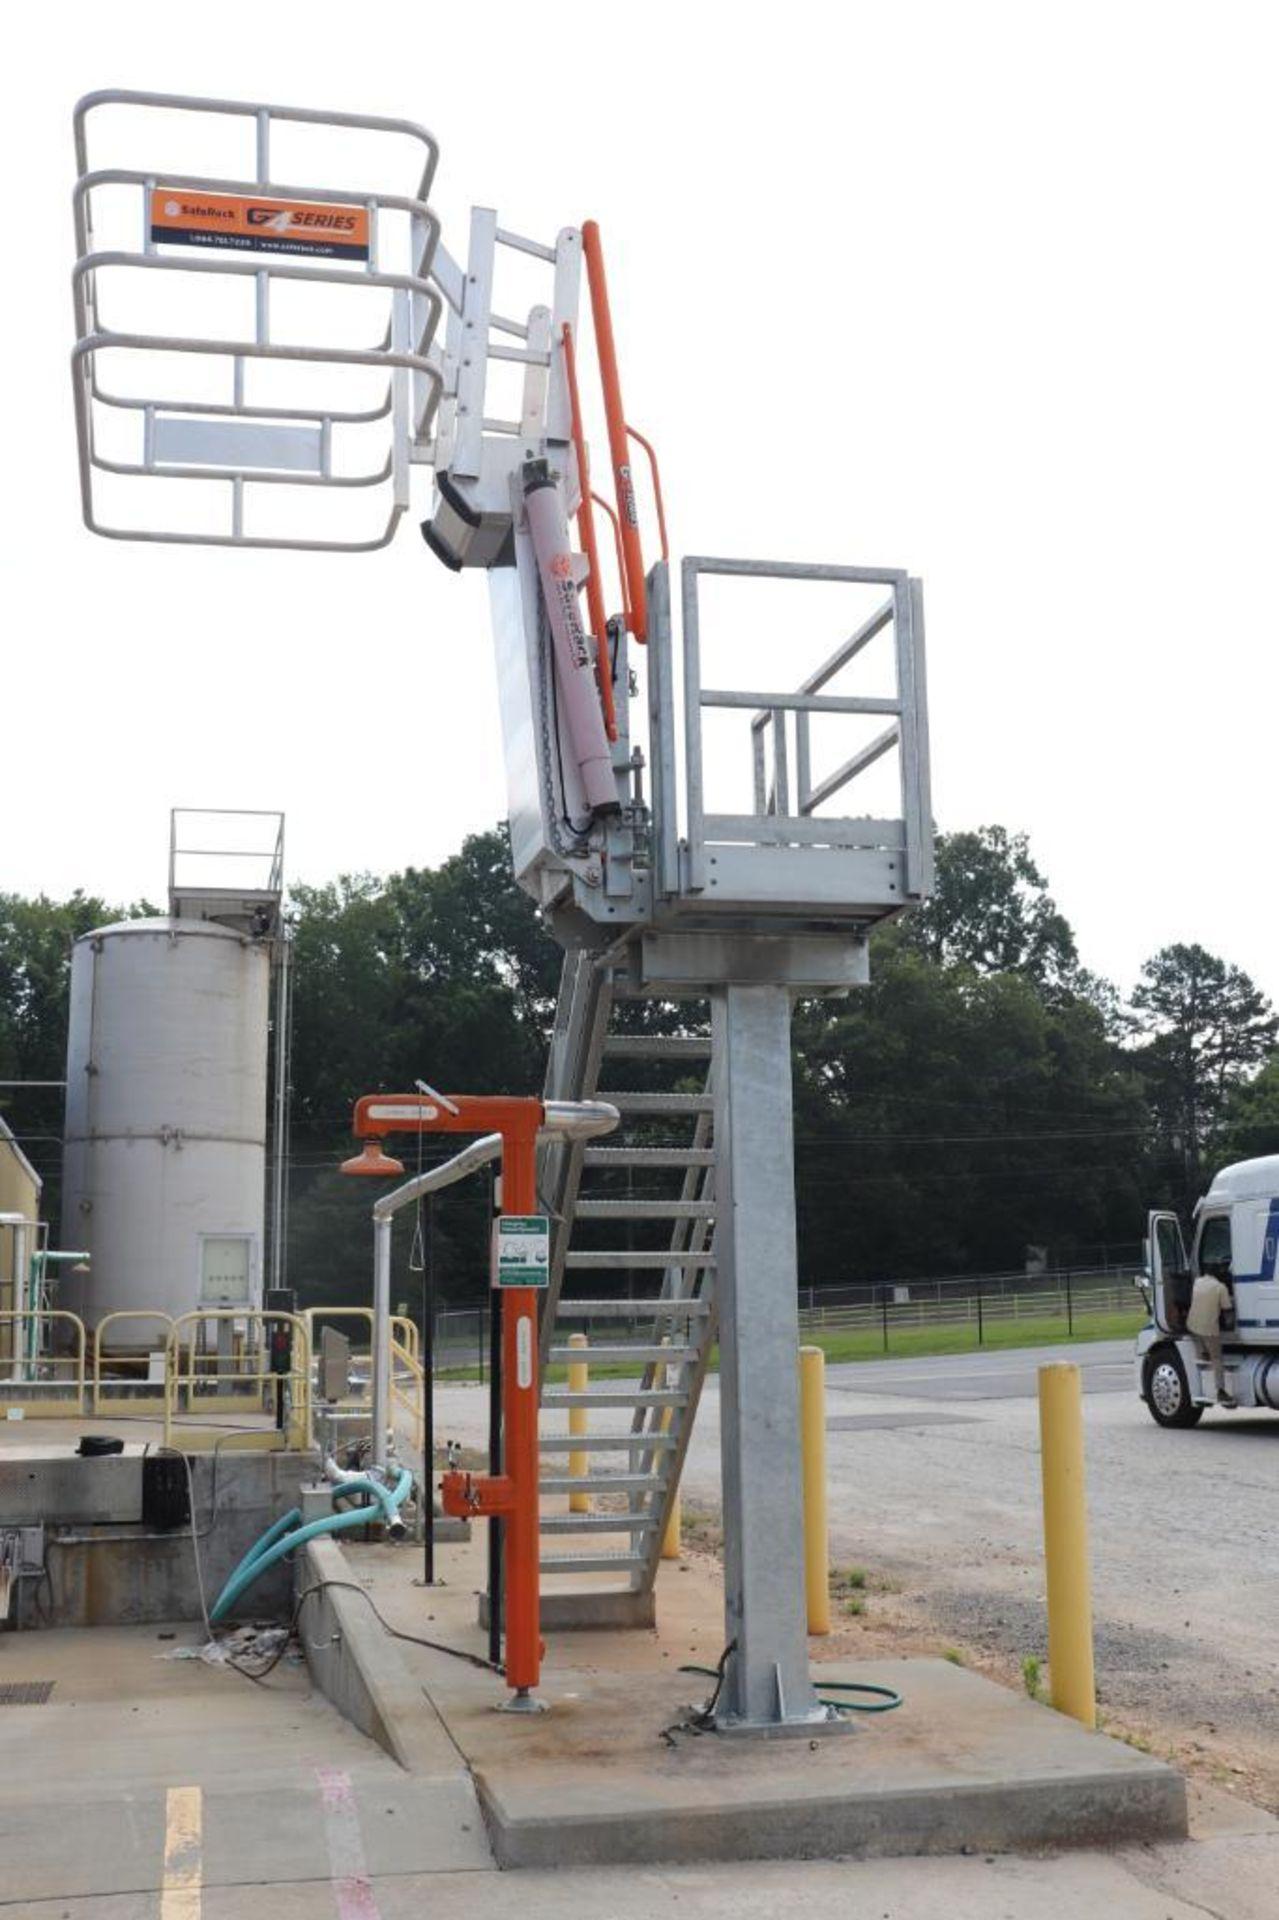 SafeRack truck loading and unloading platform - Image 4 of 10